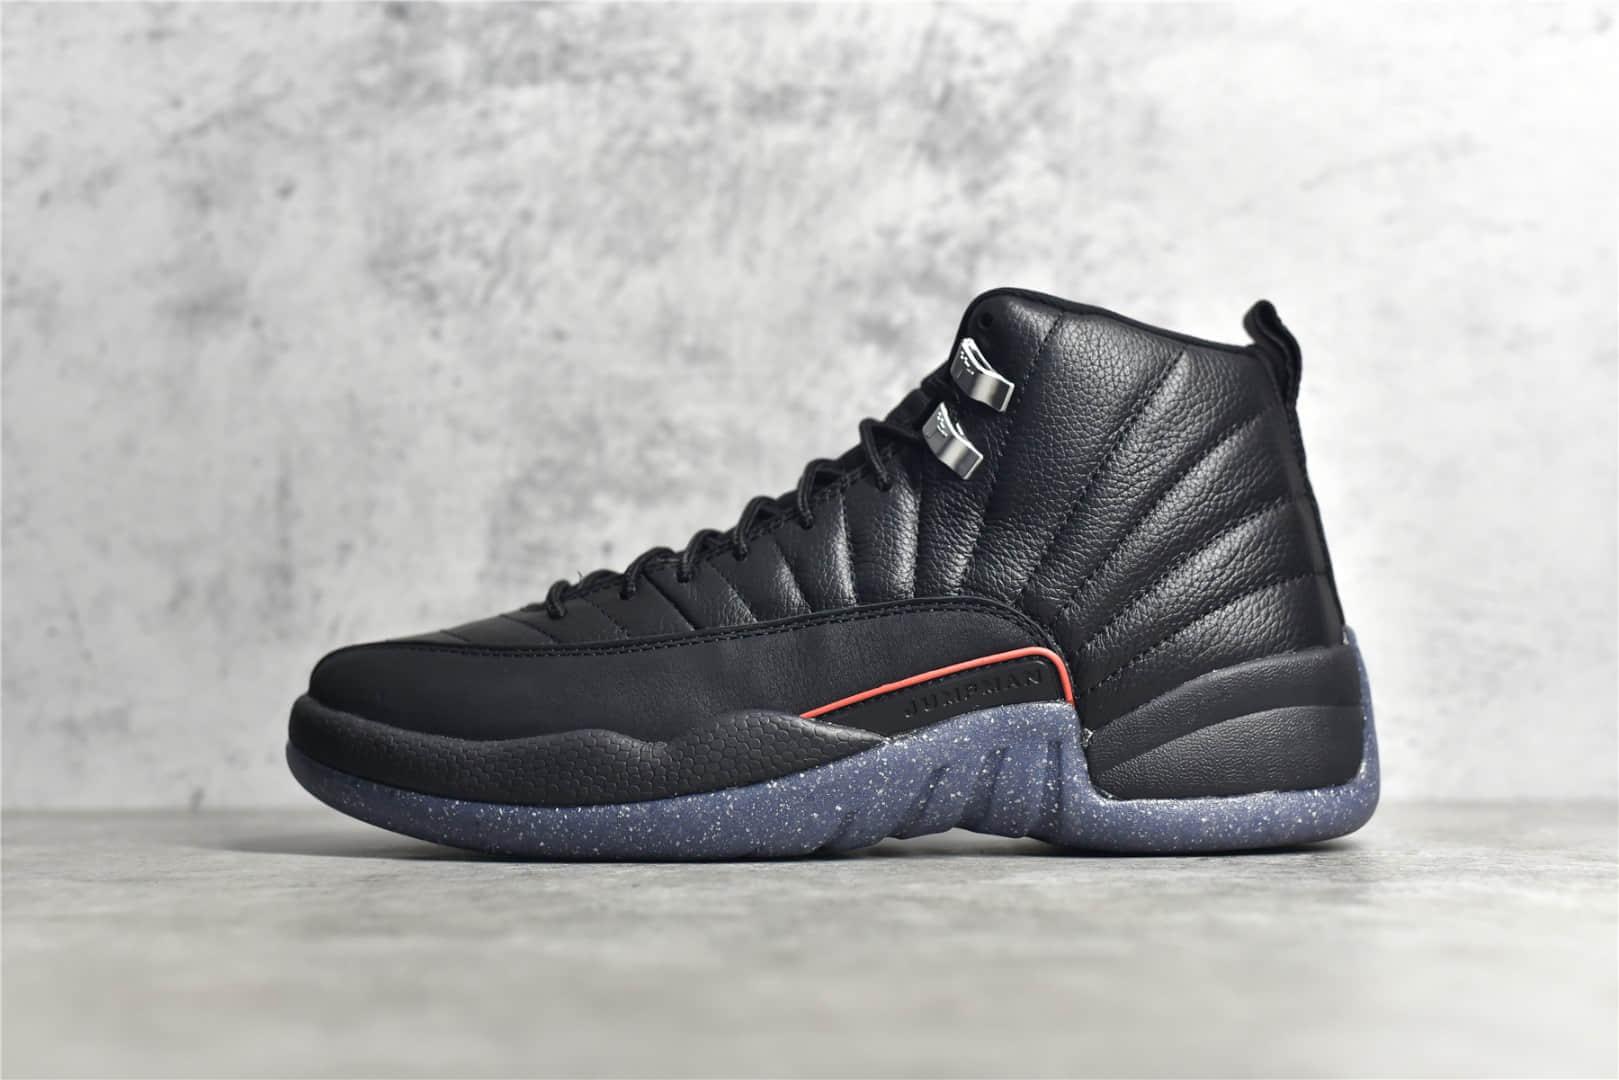 AJ12黑色高帮篮球鞋 Air Jordan 12 AJ12乔12男子文化篮球鞋 AJ12真碳缓震实战球鞋 货号:DC1062-006-潮流者之家